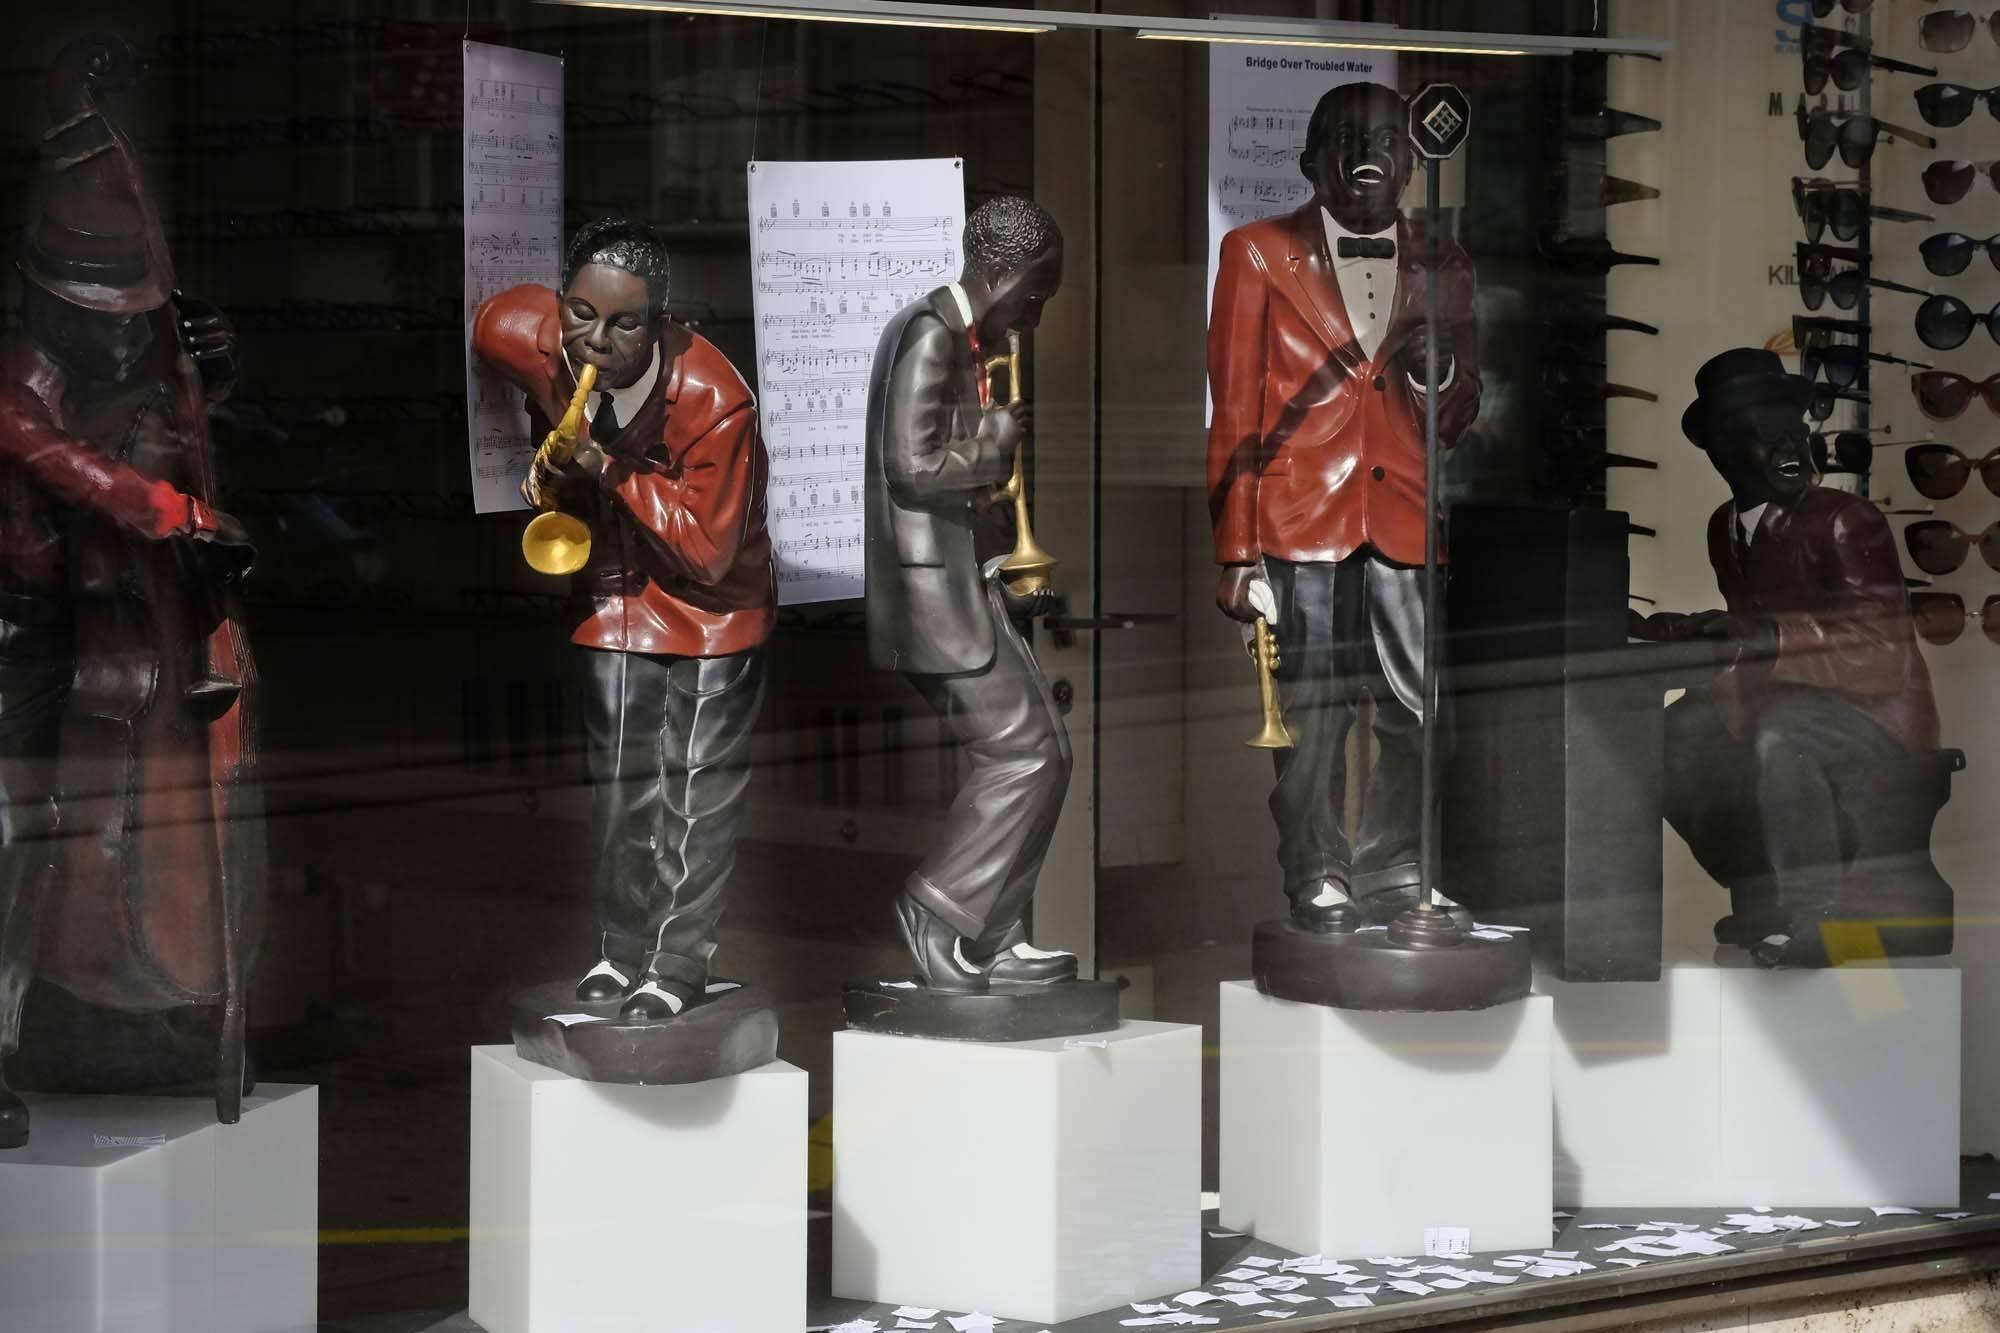 Schaufenster Nr. 032: Summer in the City: Bernie's Jazzband